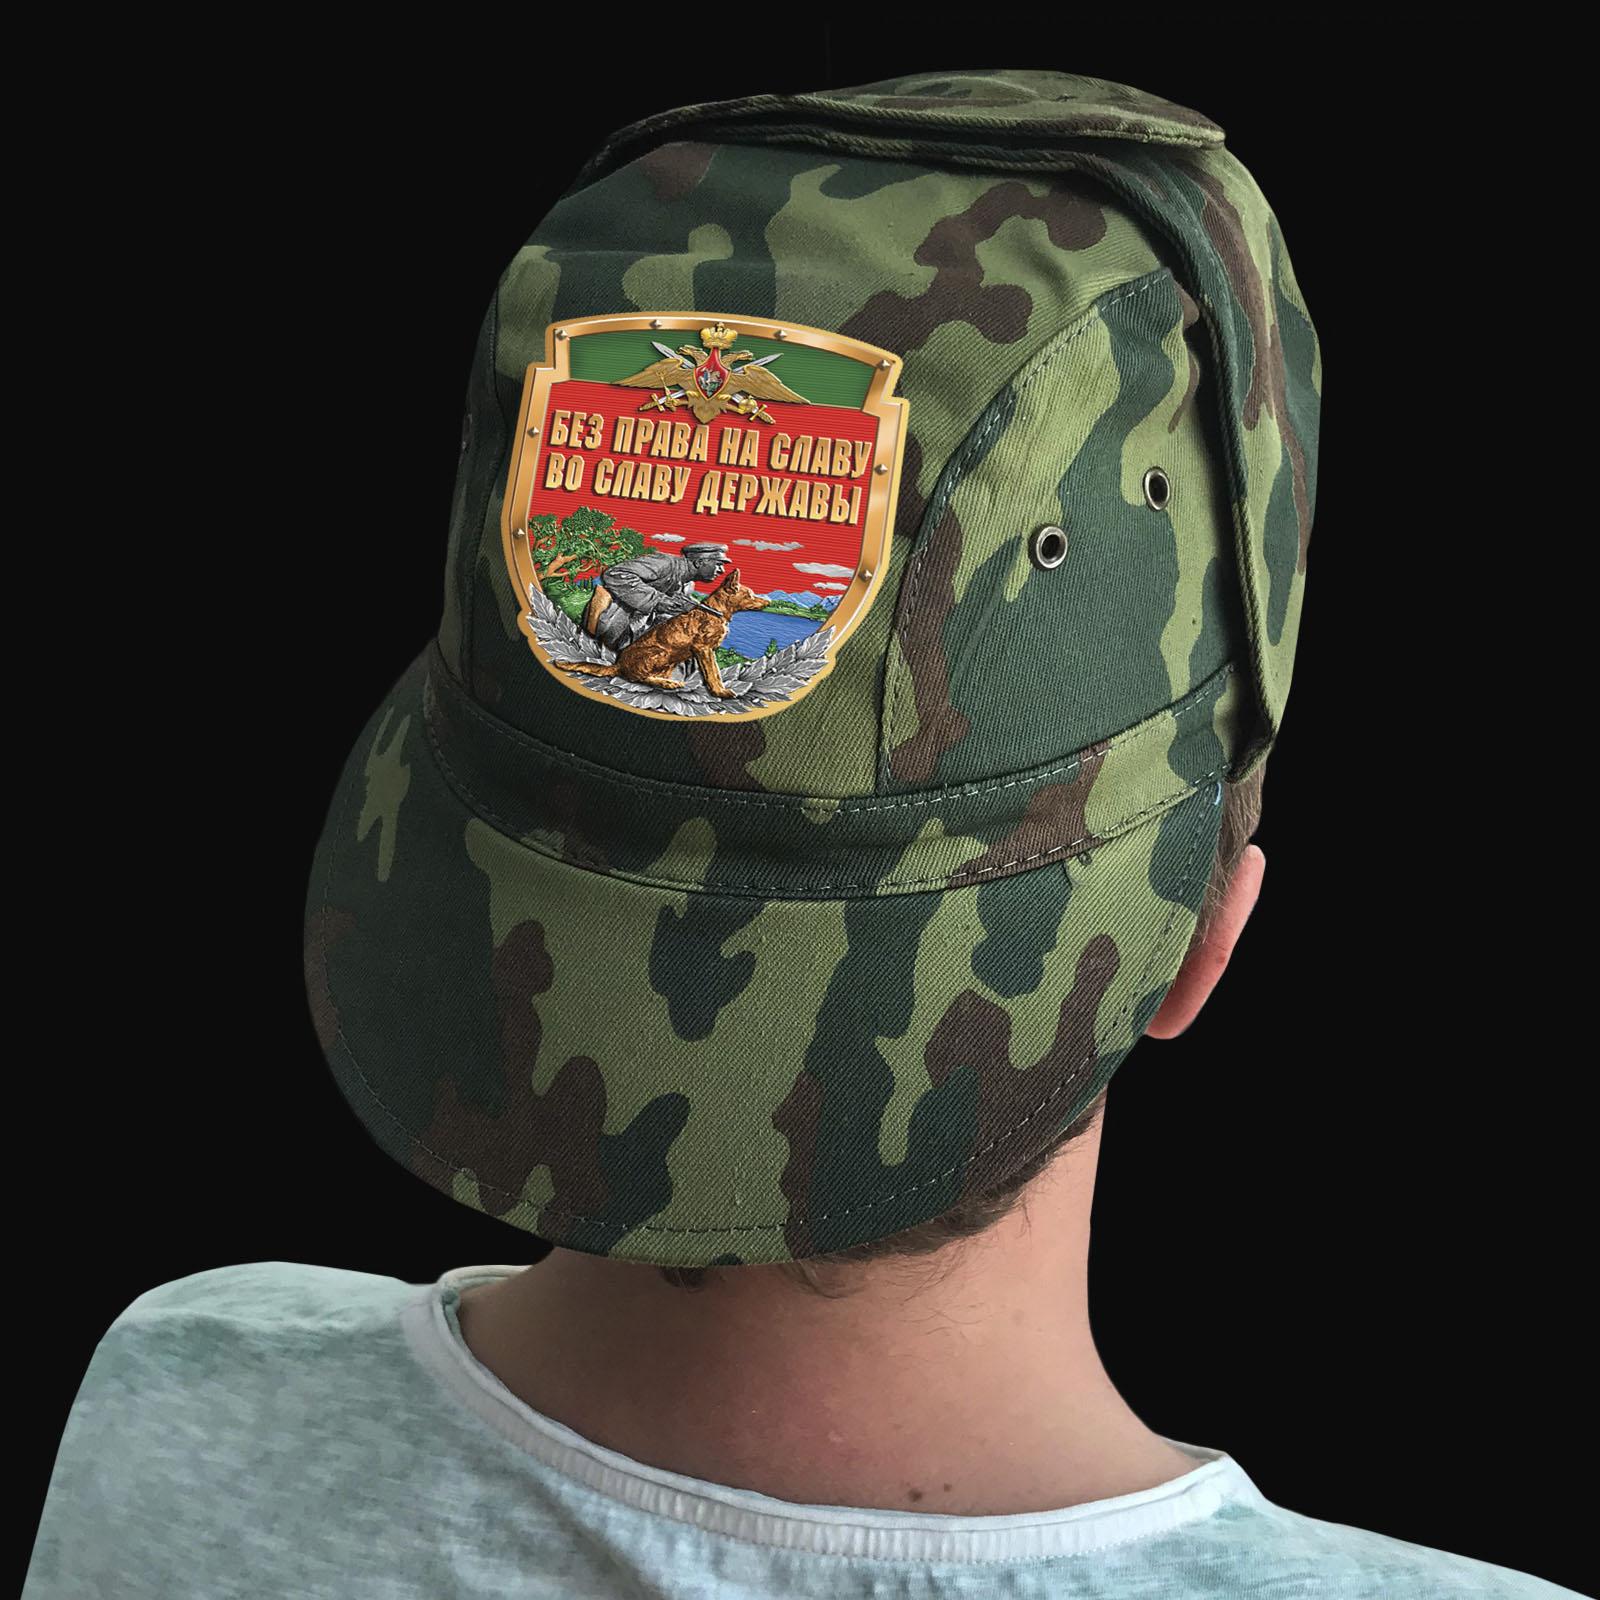 Купить камуфлированную крутую кепку с термонаклейкой Погранвойск по низкой цене